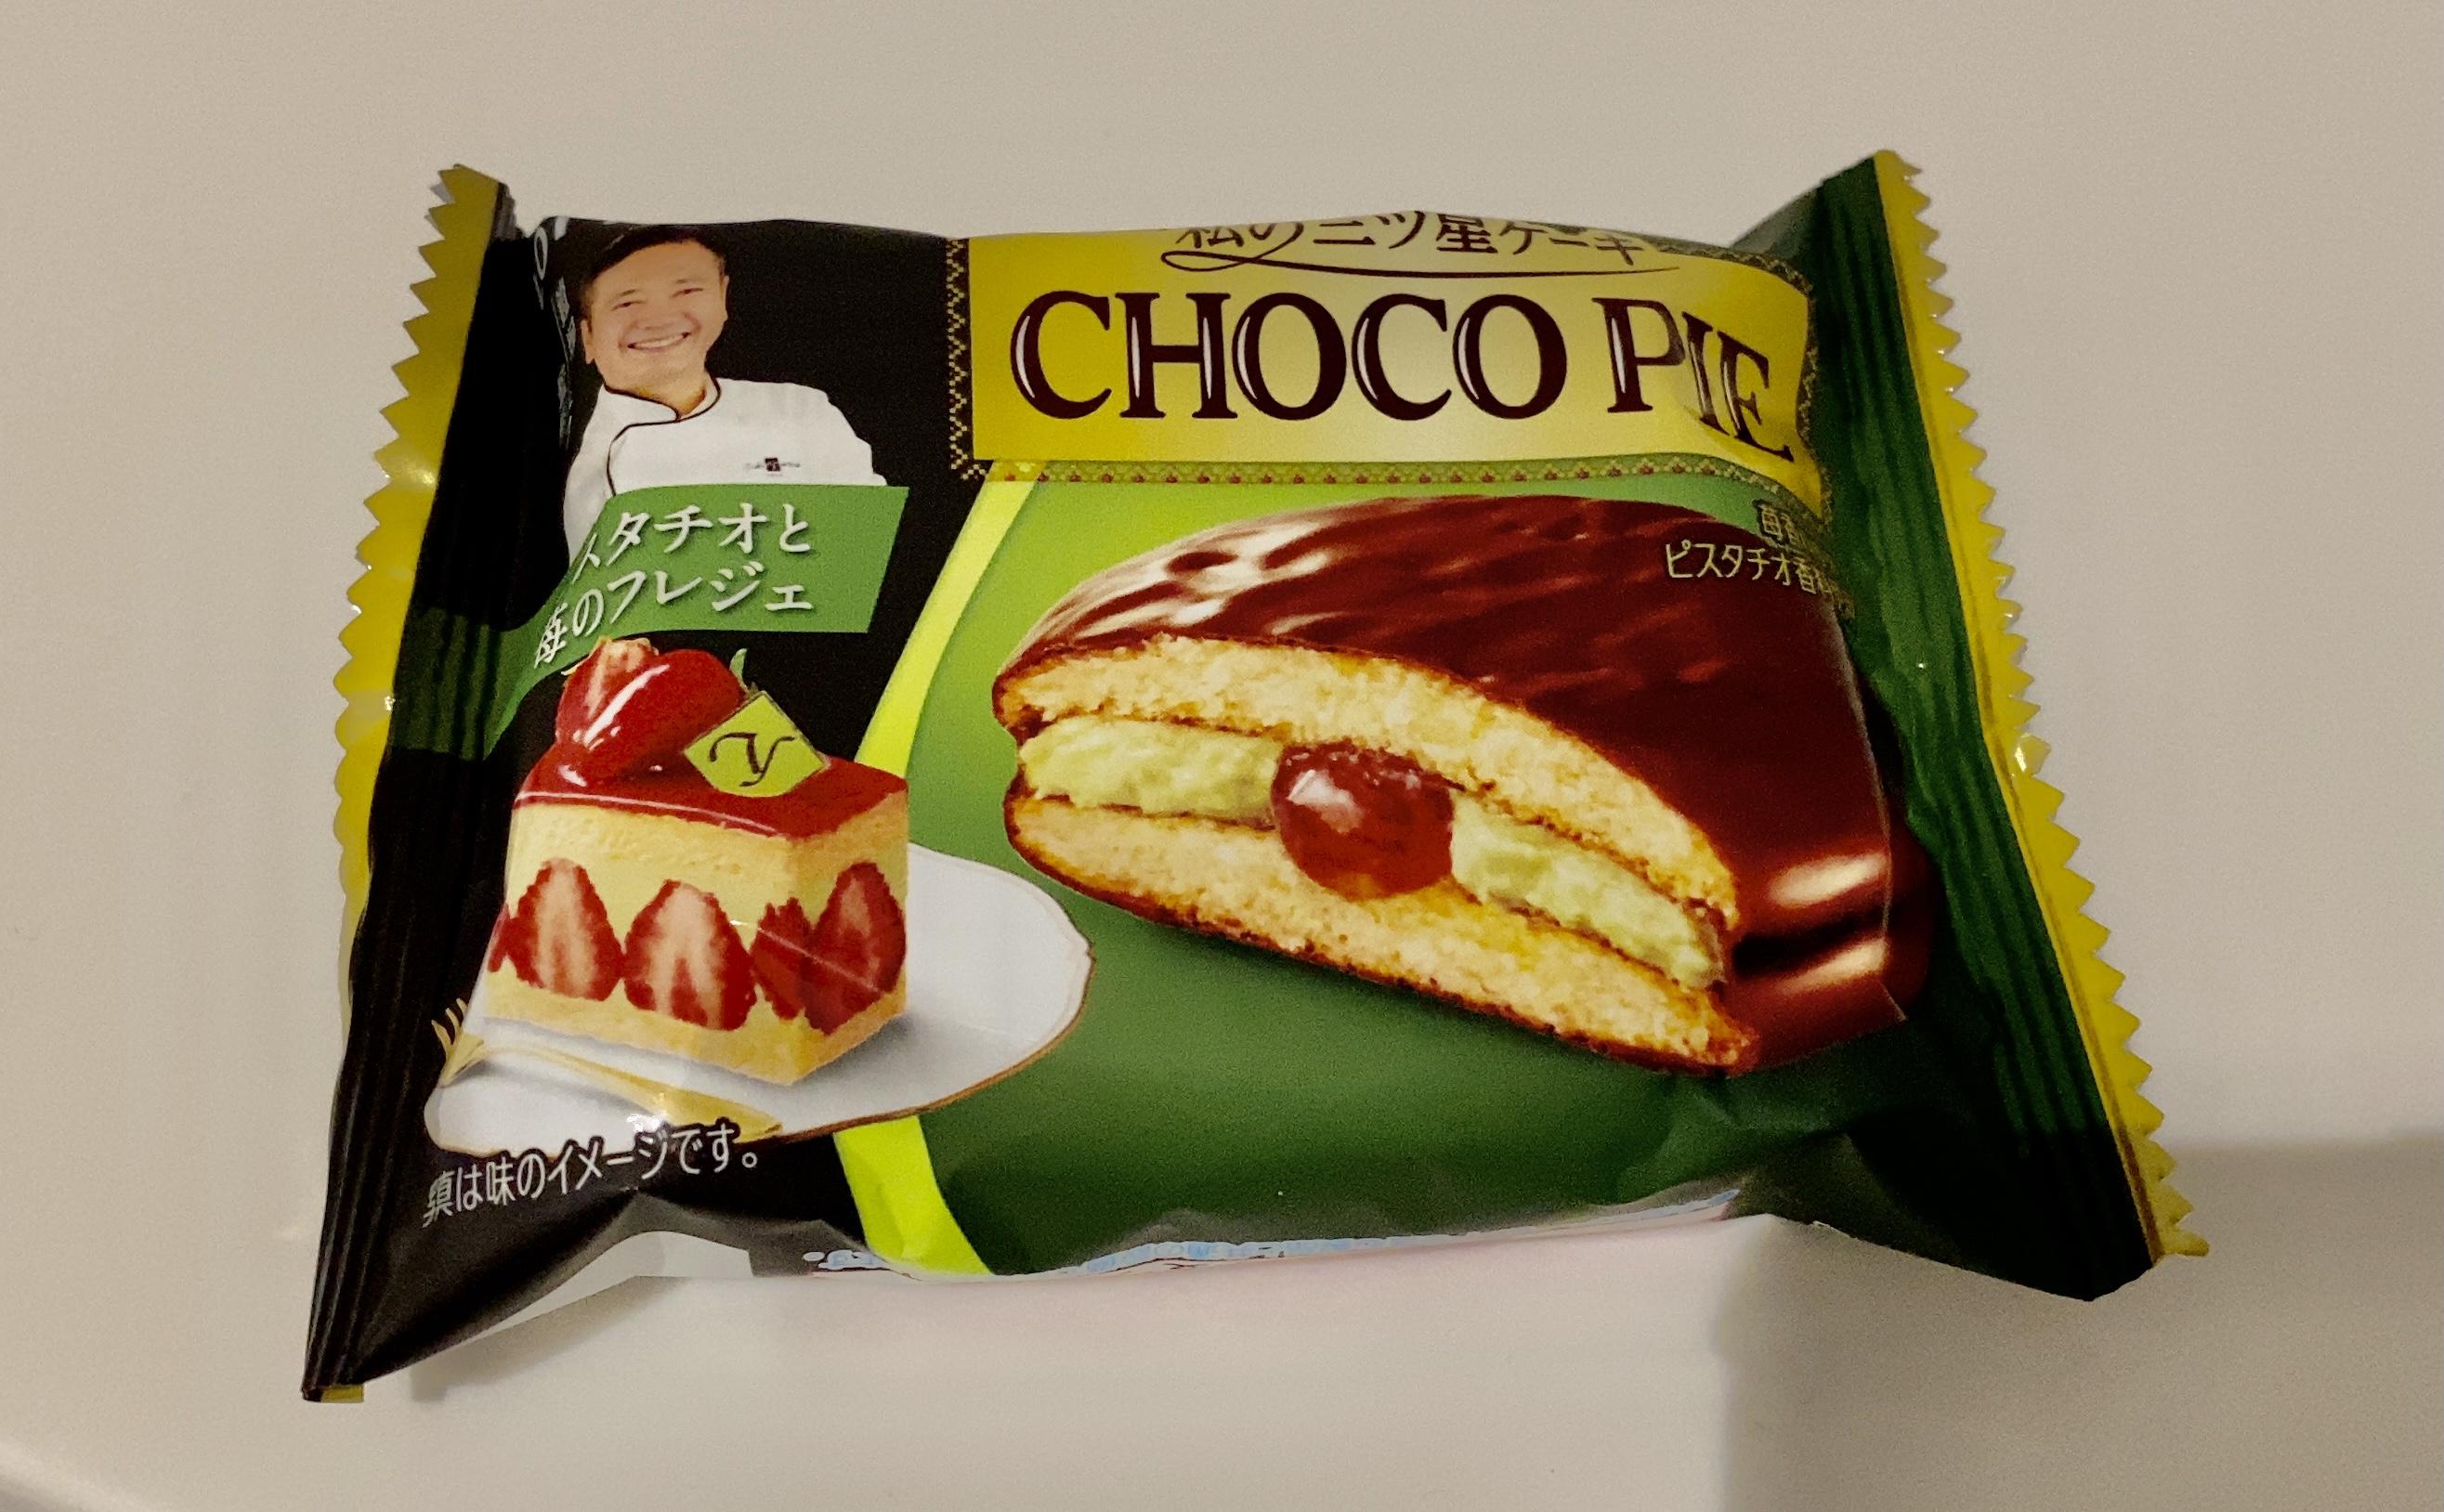 私の三つ星ケーキ ピスタチオと苺のフレジェ チョコパイ